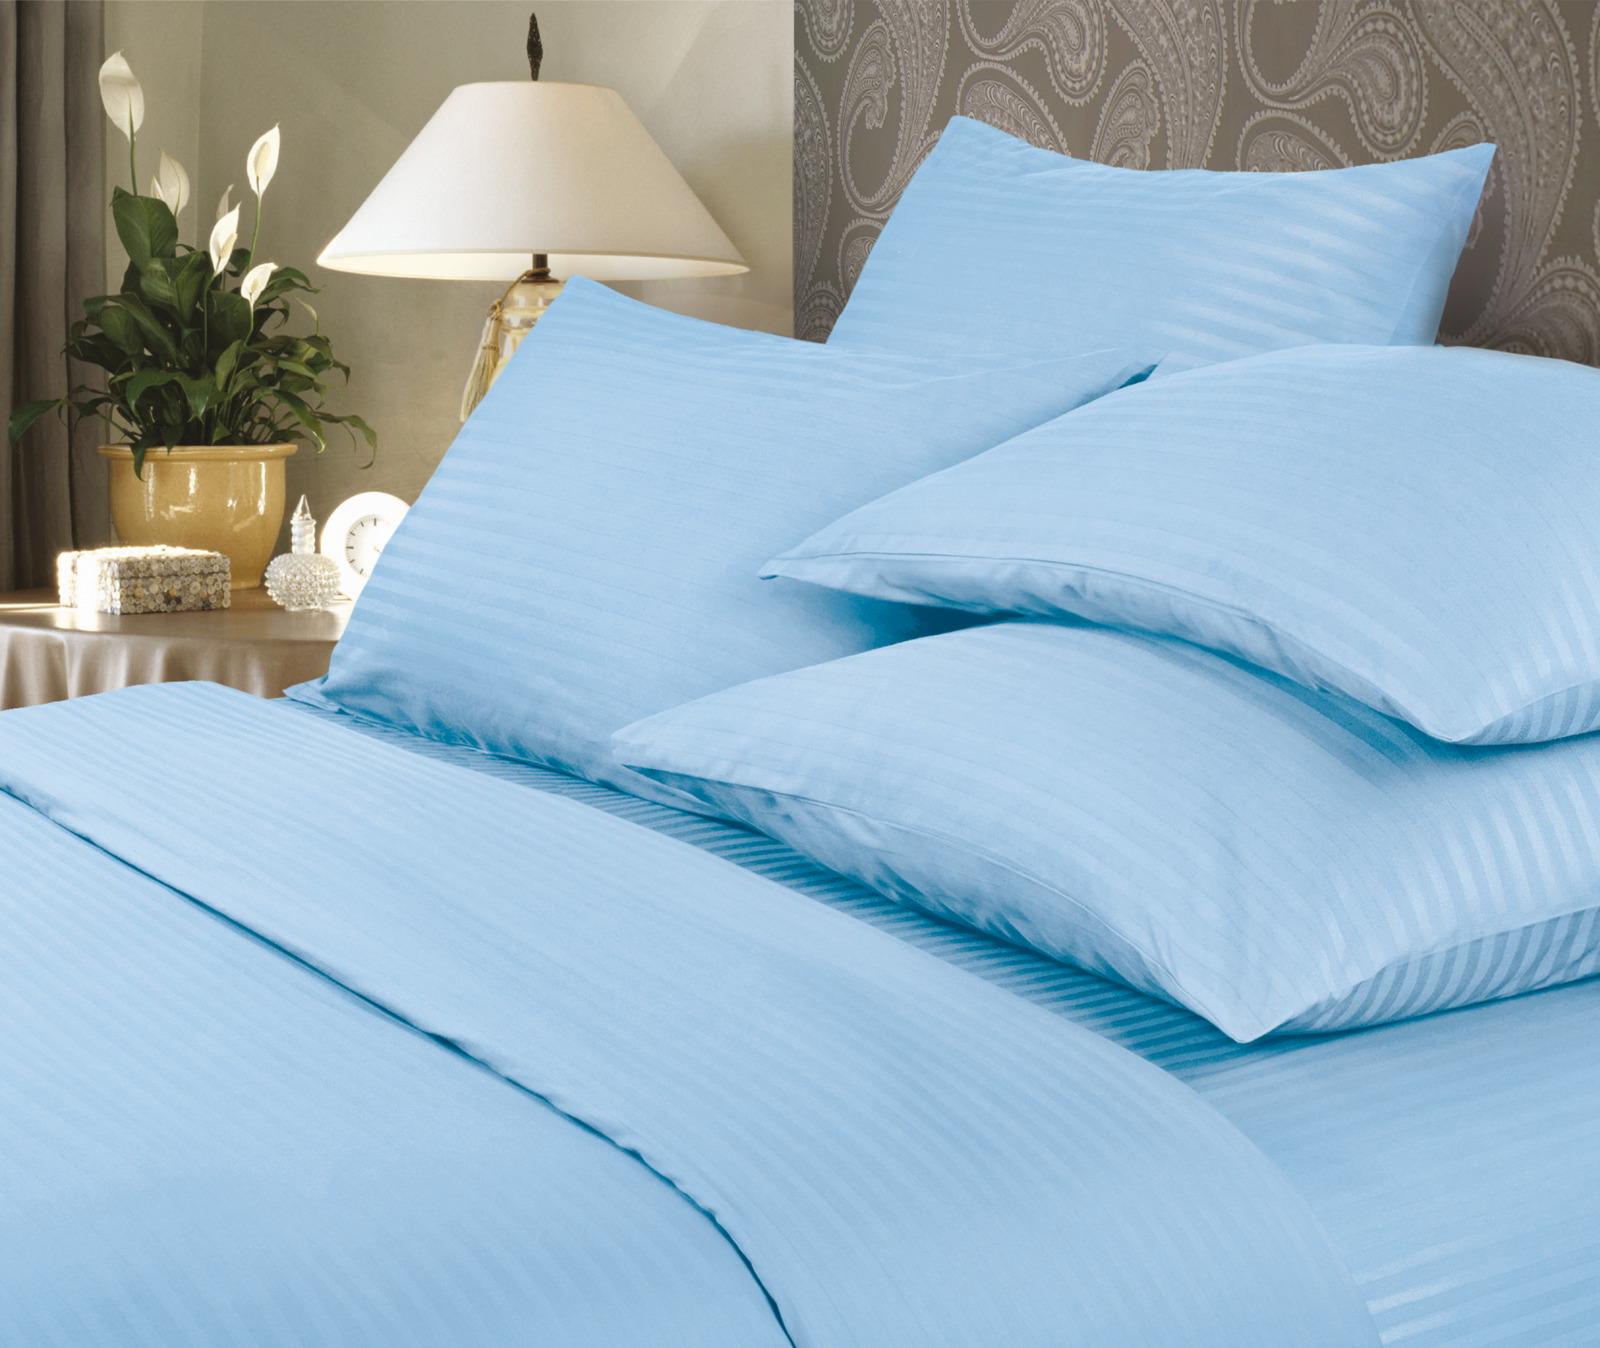 Комплект белья Verossa Sky, 1,5-спальный, наволочки 50x70. 718976